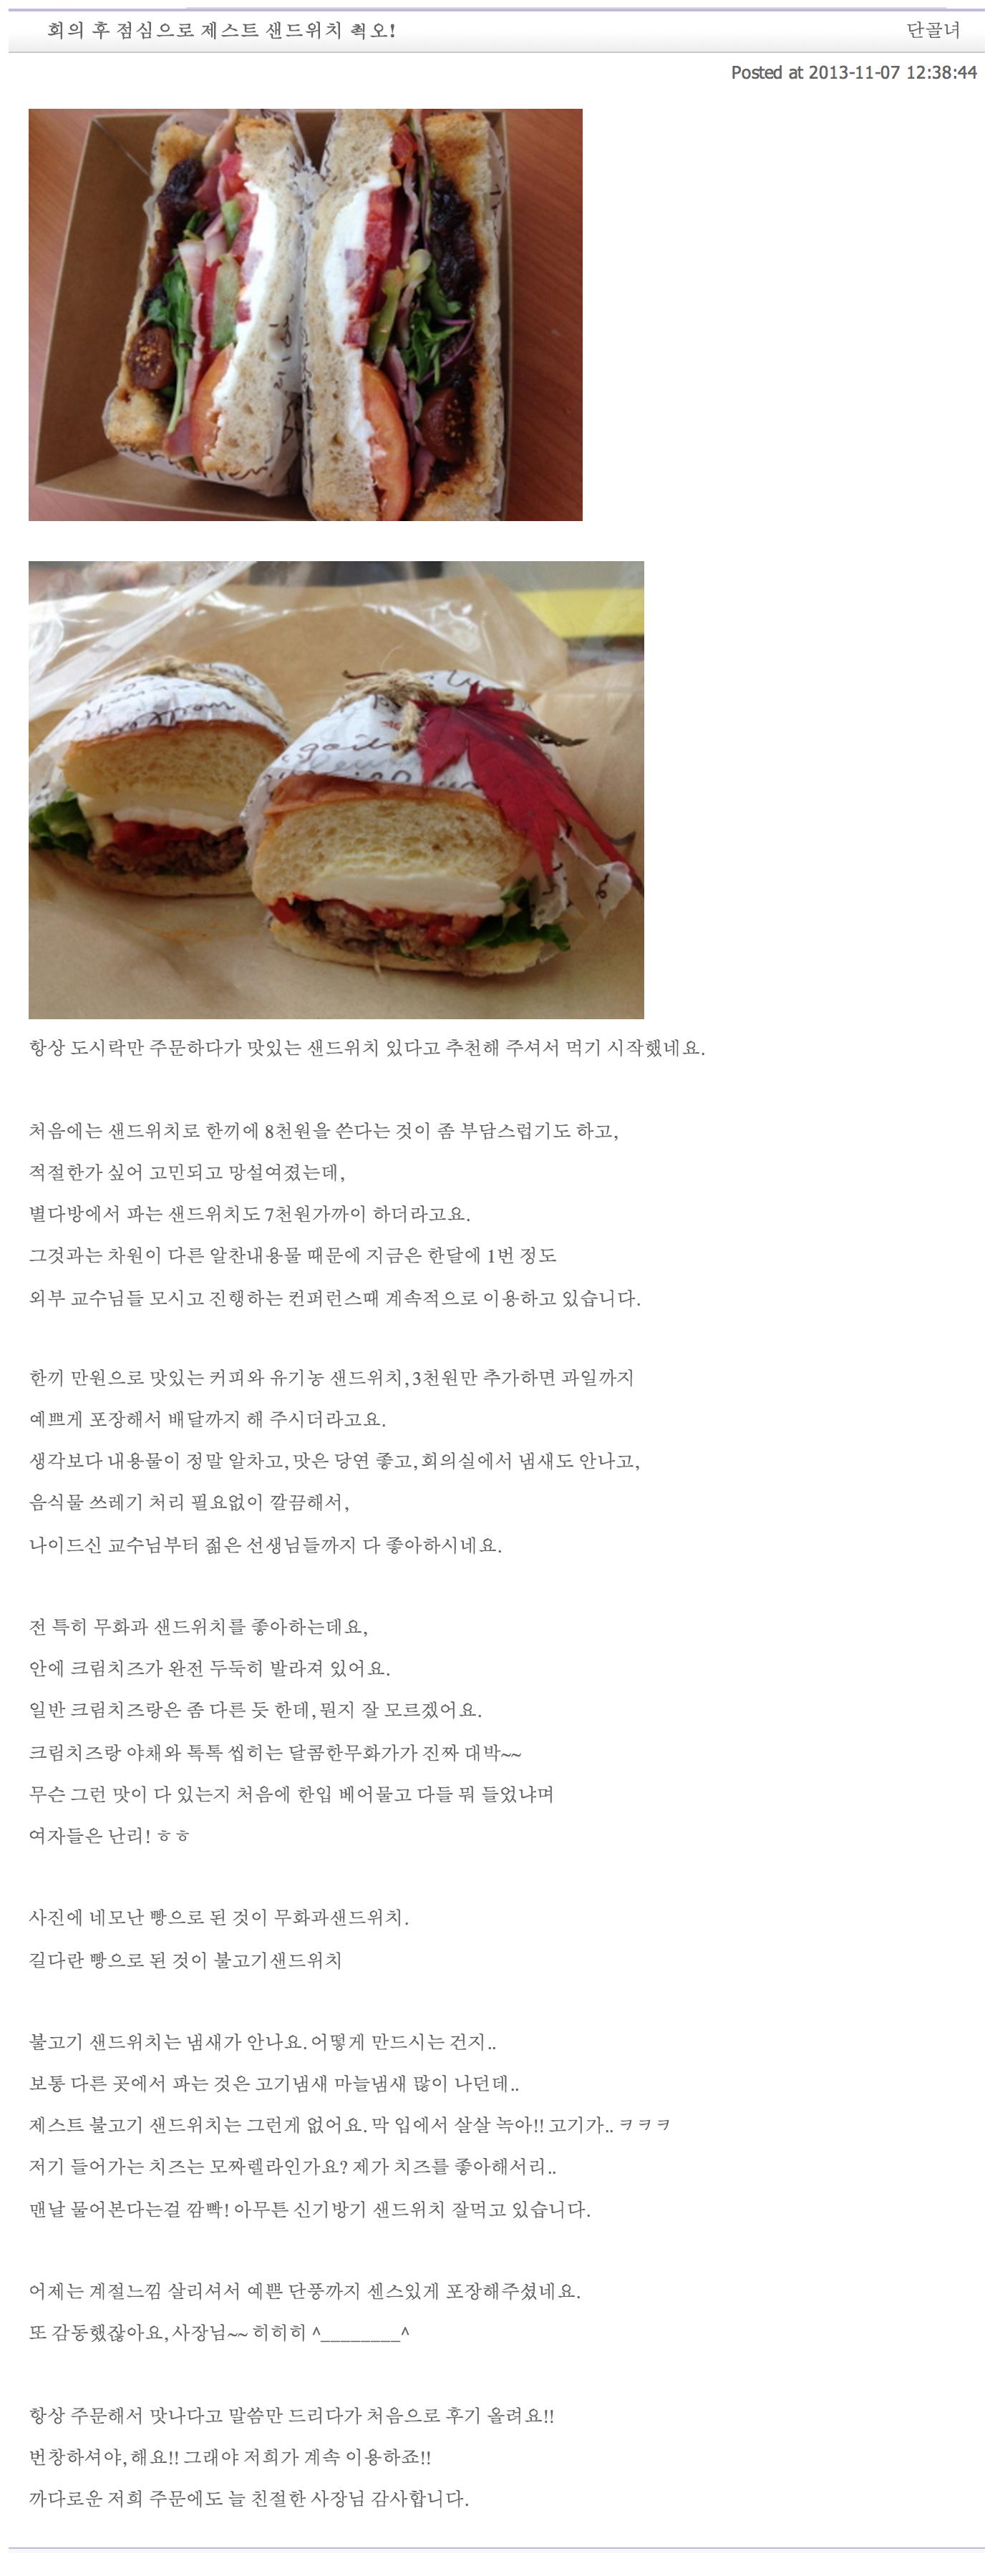 Screen Shot 2014-01-27 at 4.28.27 PM.png